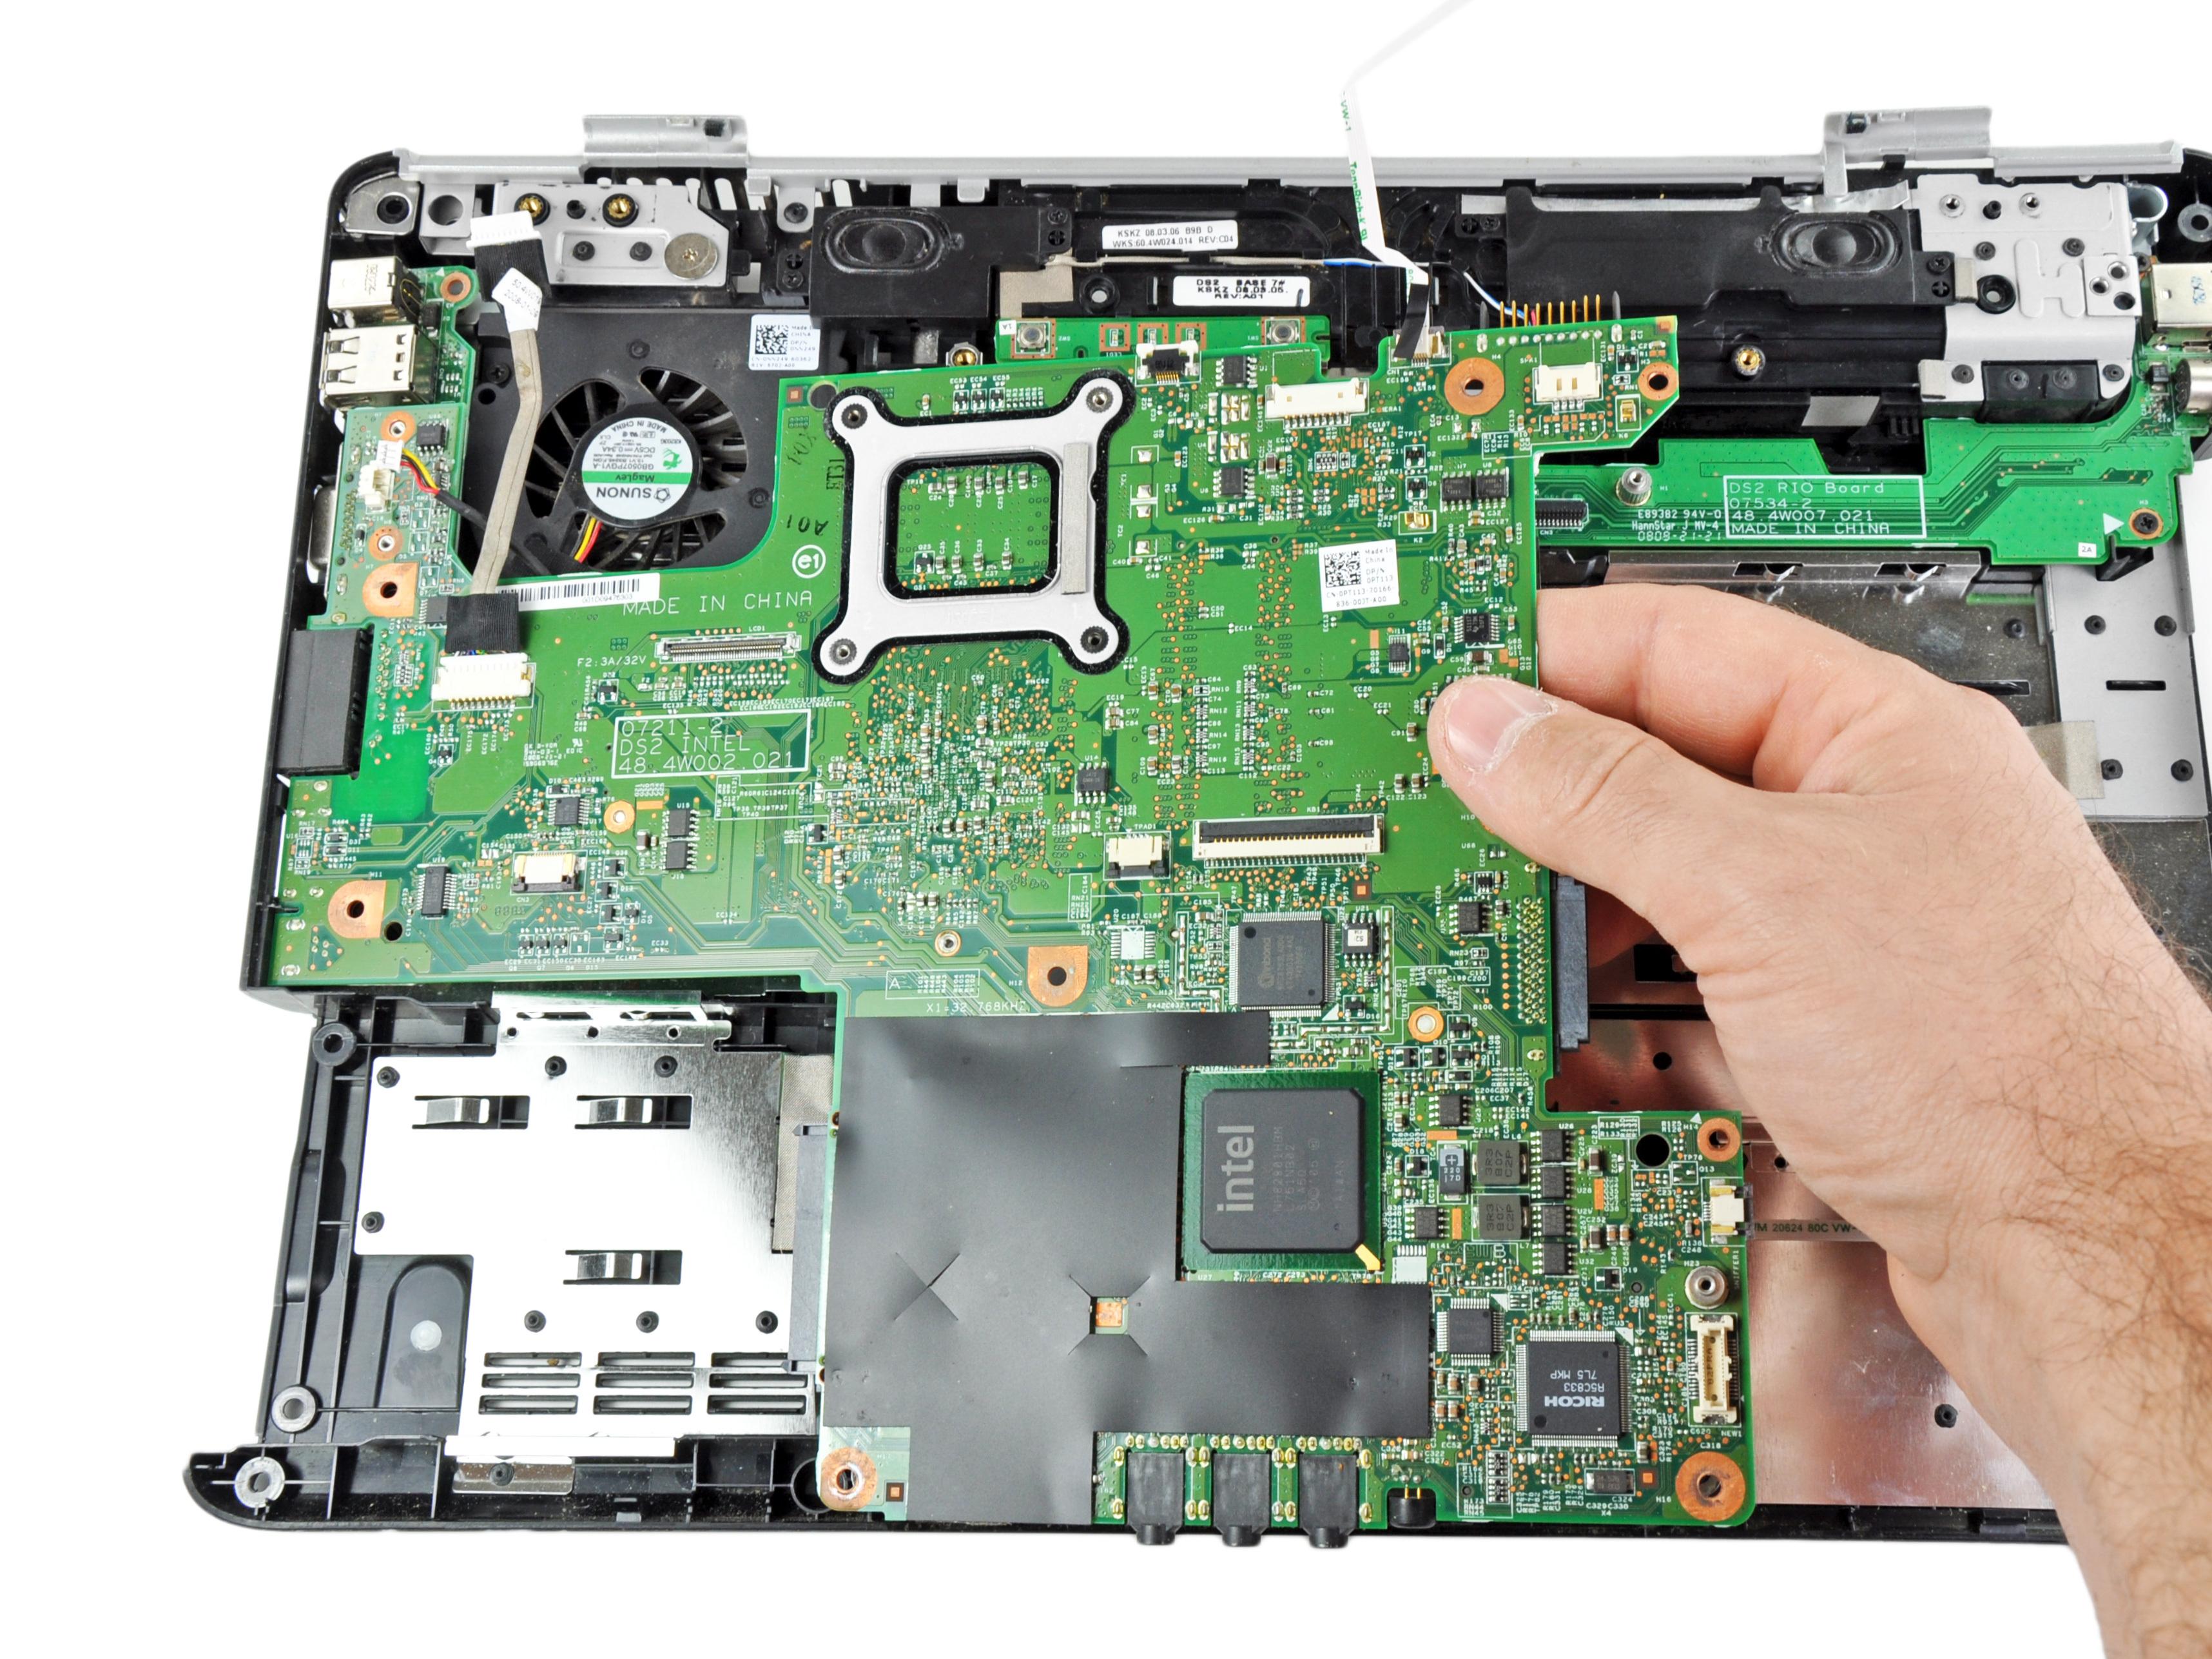 Dell Inspiron 1525 Motherboard Replacement - Tutoriel de réparation iFixit